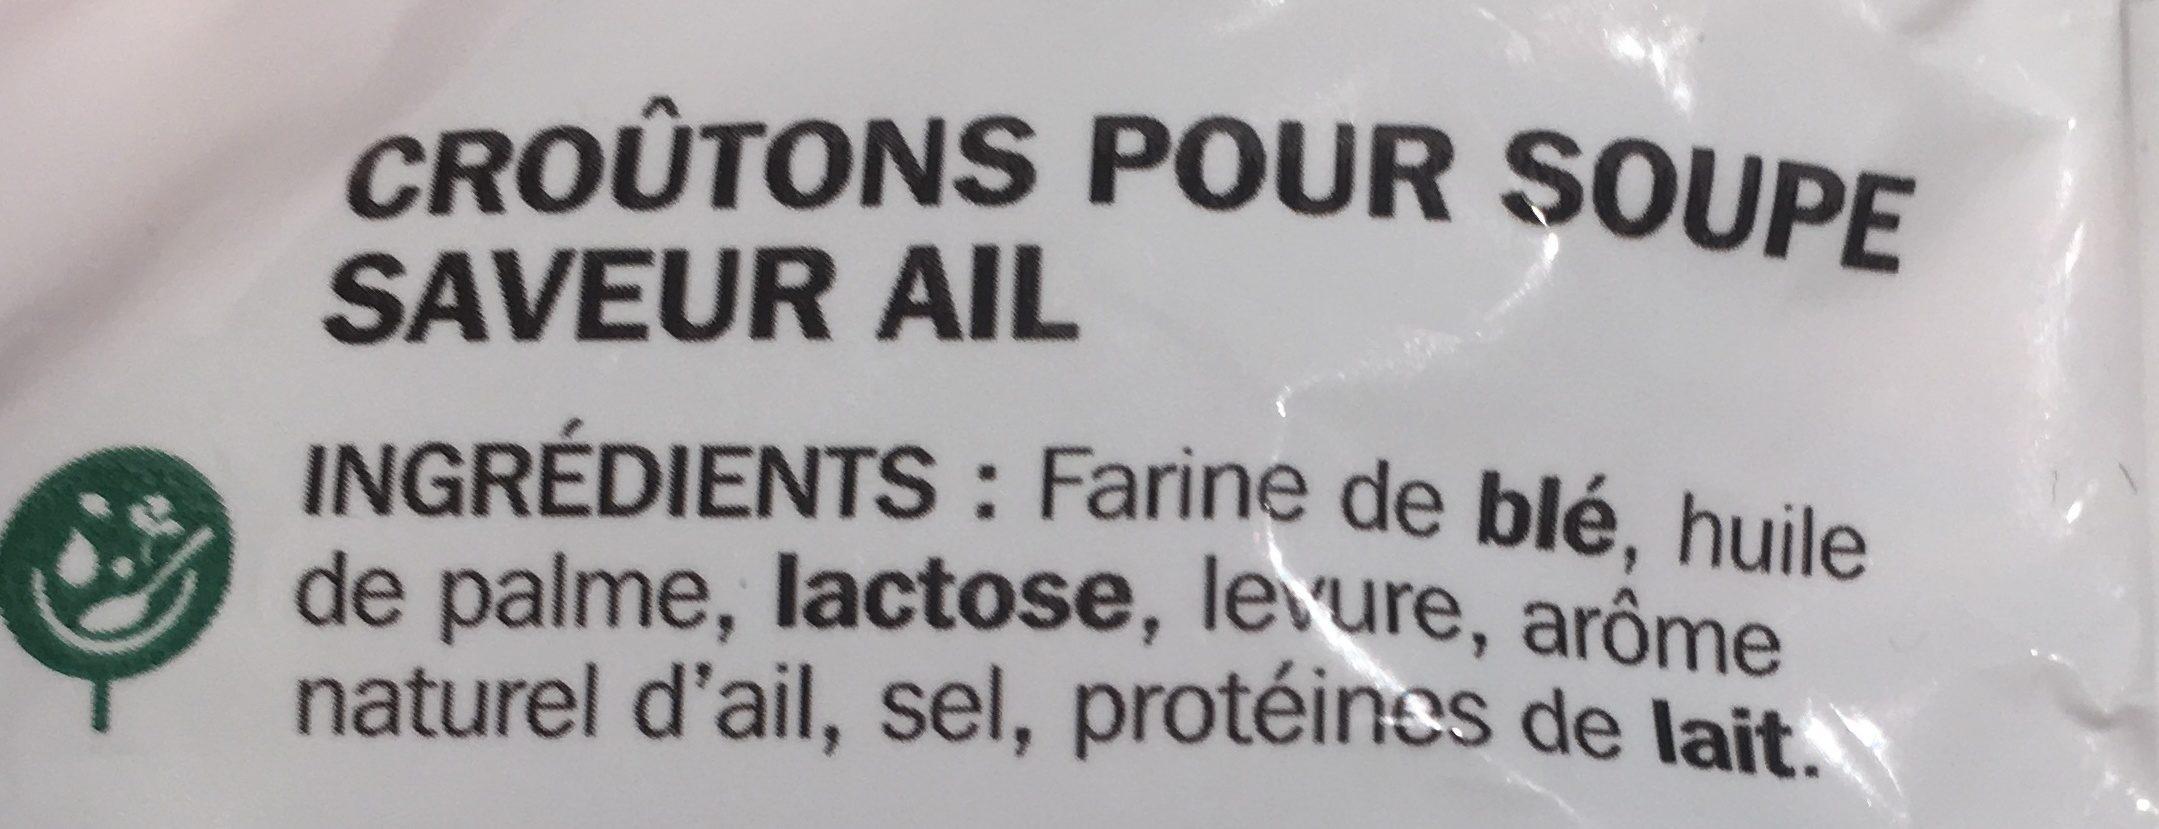 Croûtons saveur ail spécial soupe - Ingrédients - fr